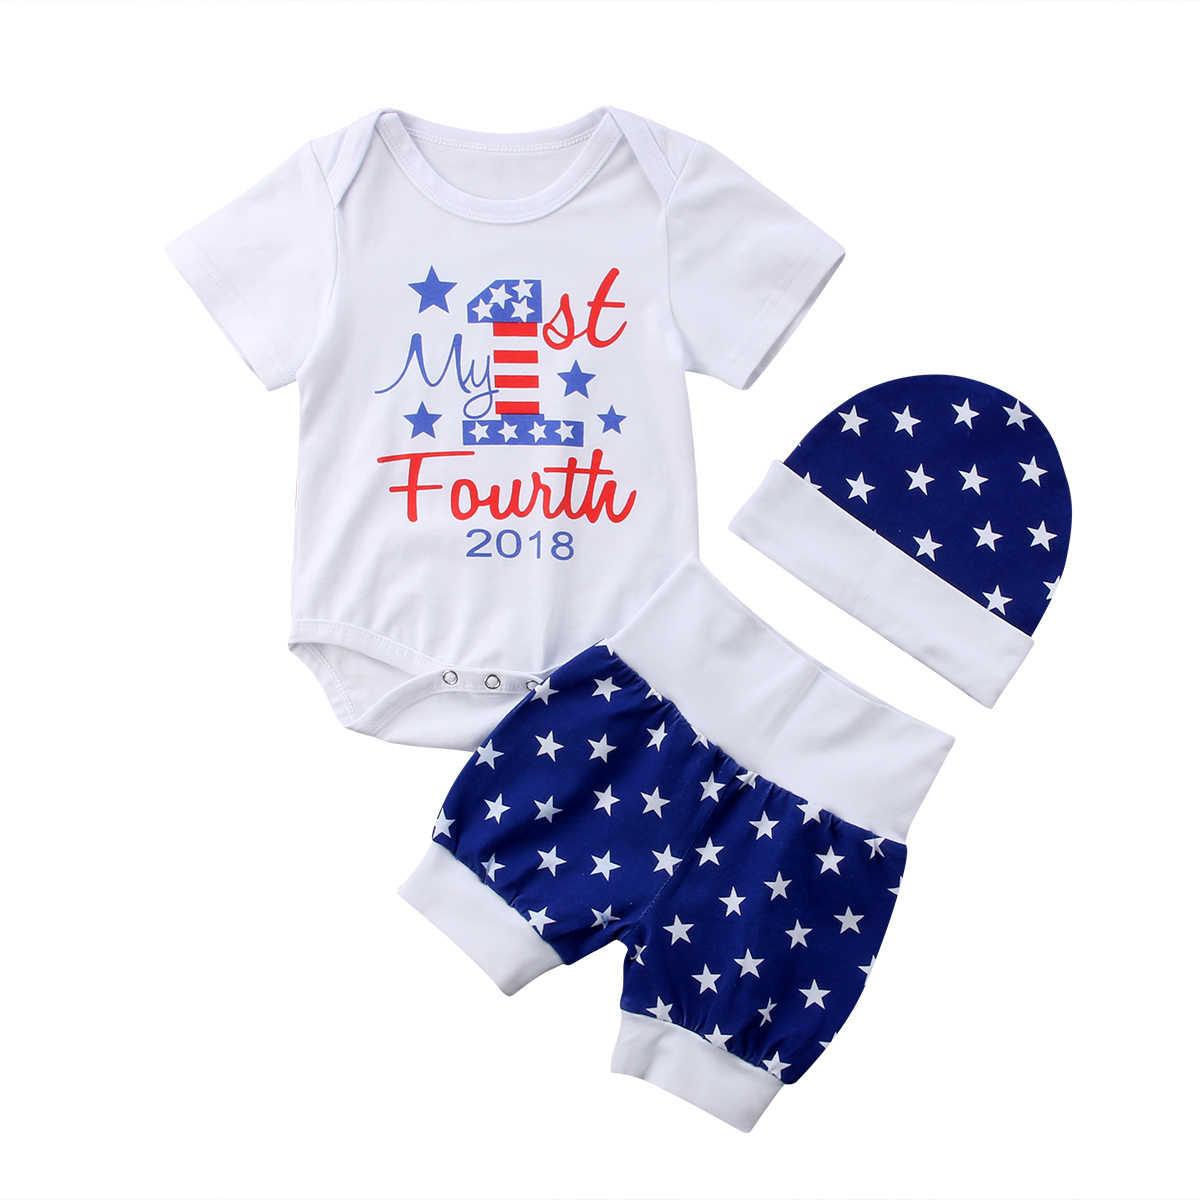 2018ใหม่ทารกแรกเกิดเด็กทารกชายหญิงผ้าฝ้ายRomperท็อปส์และกางเกงComing Homeชุดชุดแฟชั่นคุณสมบัติป่าlovel CH